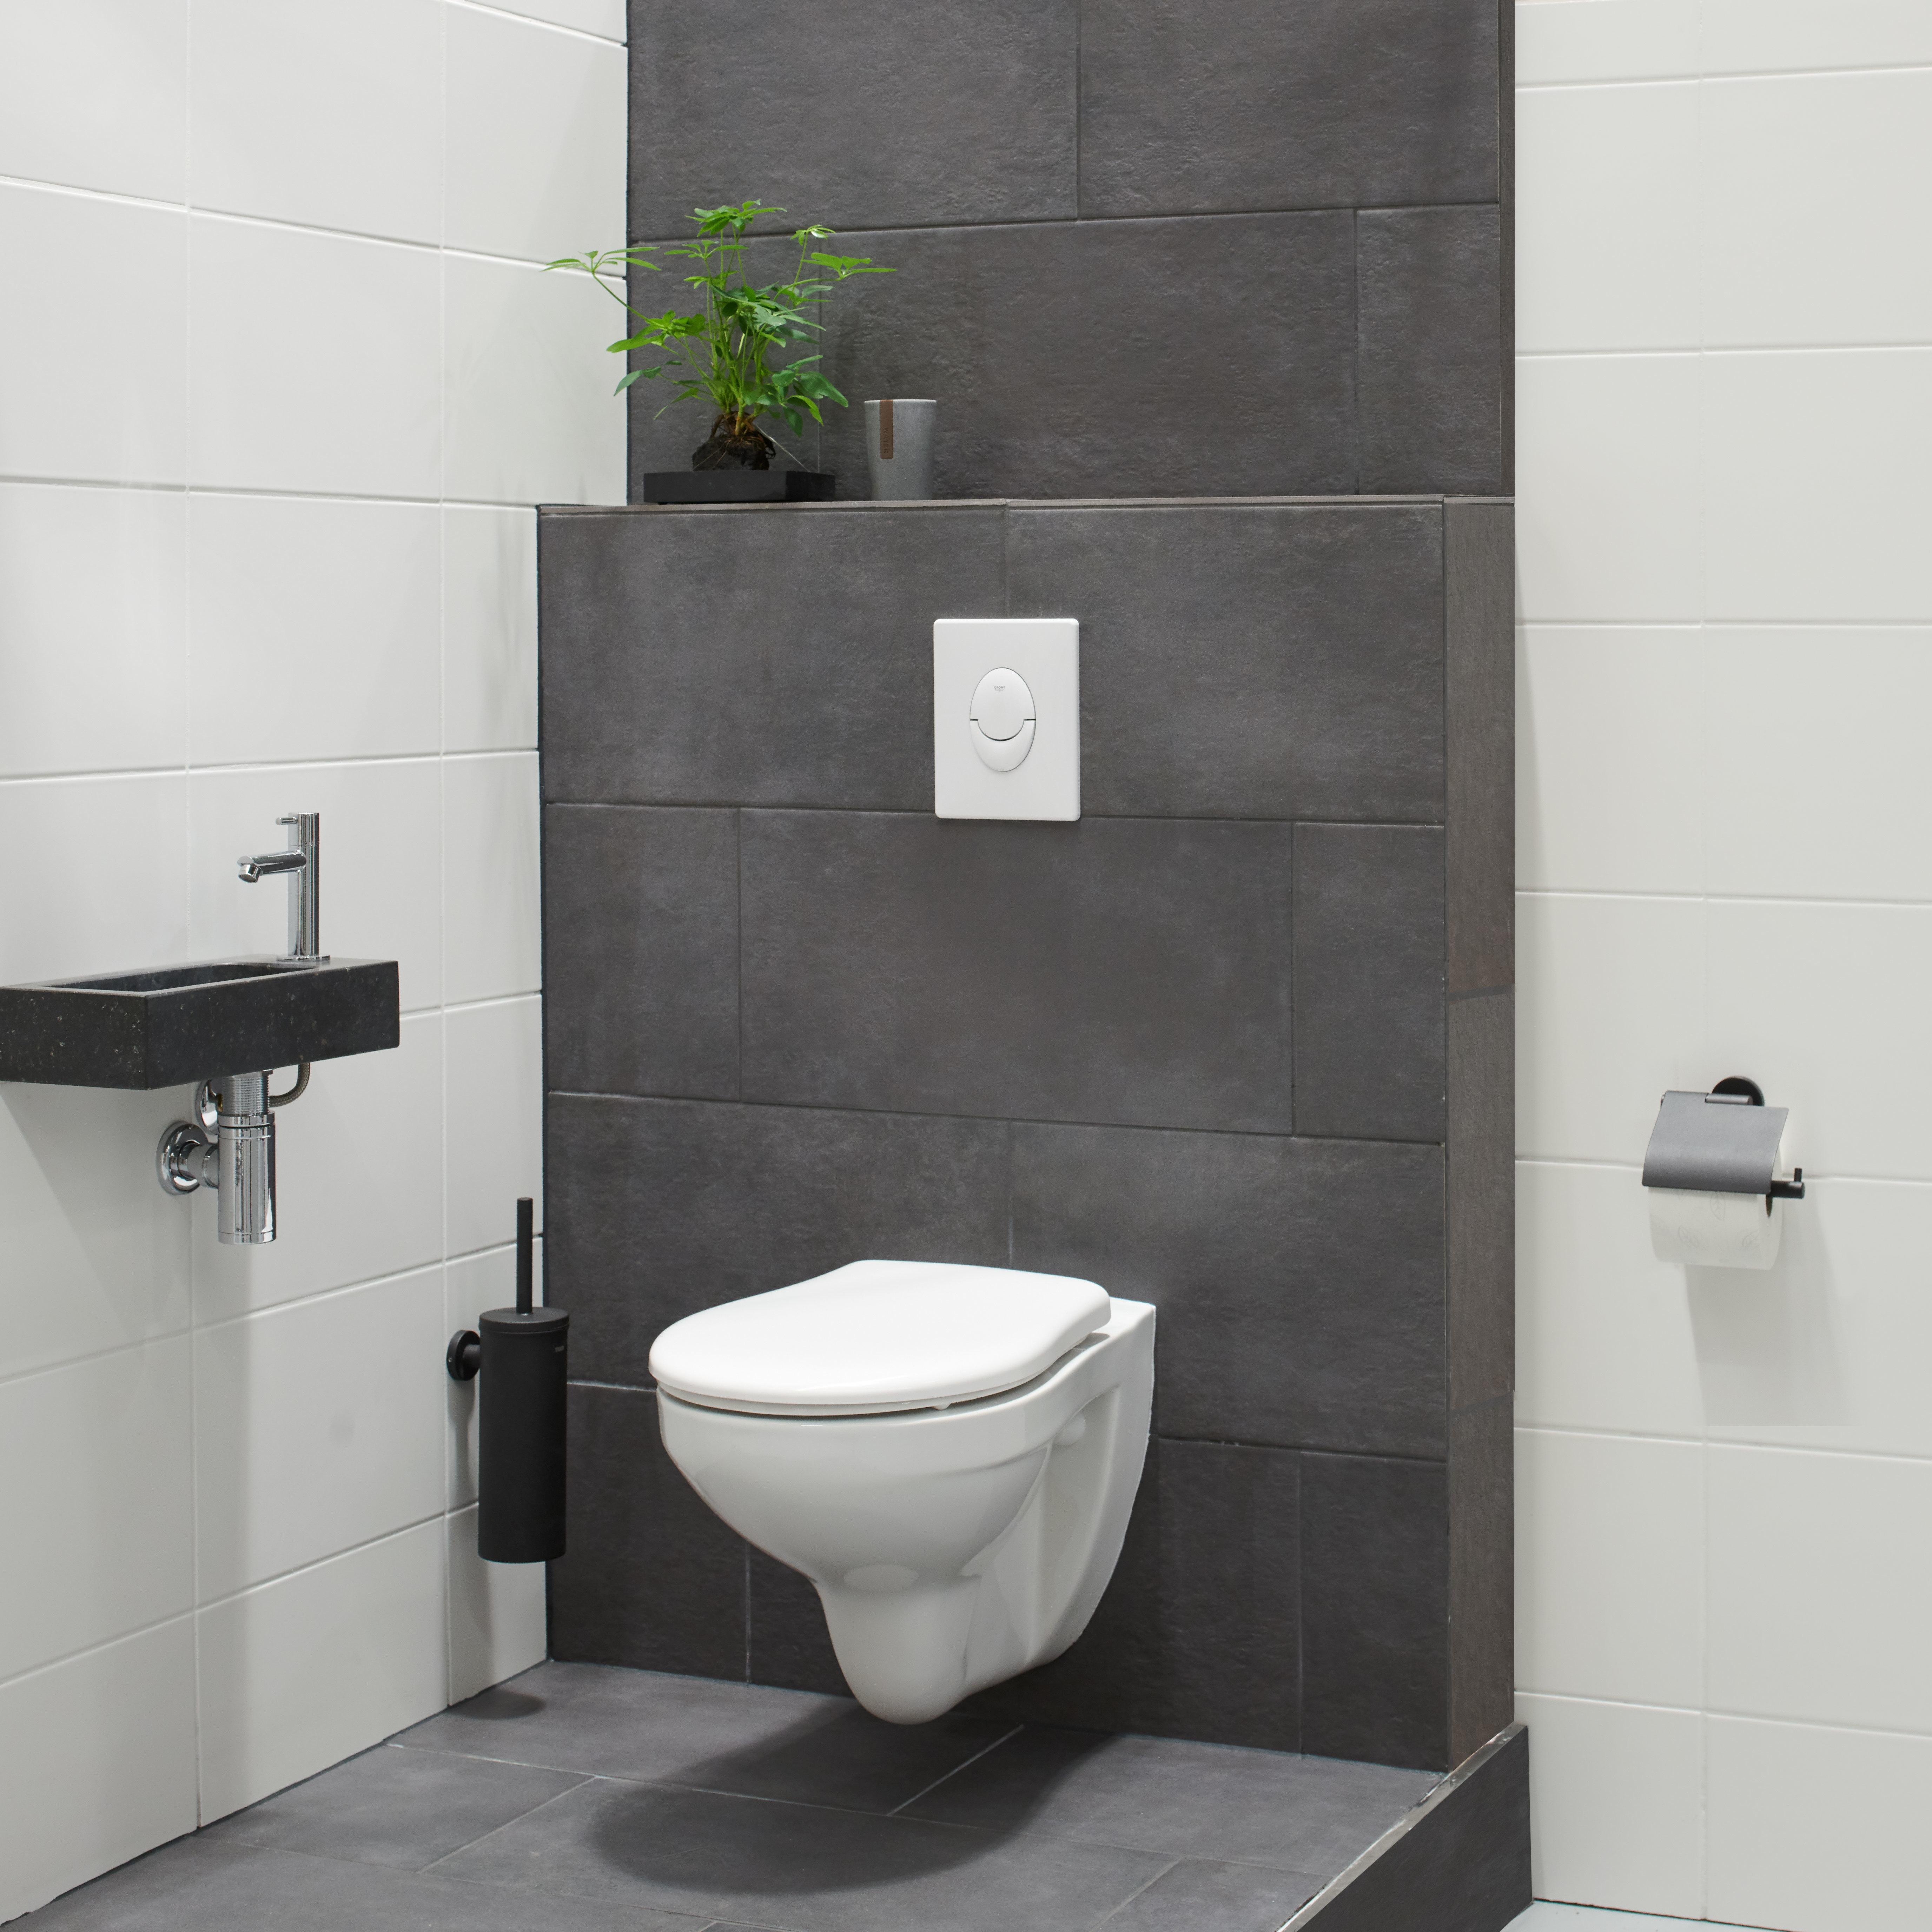 Onwijs Toilet renoveren doe je zo! | voordemakers.nl ZX-06